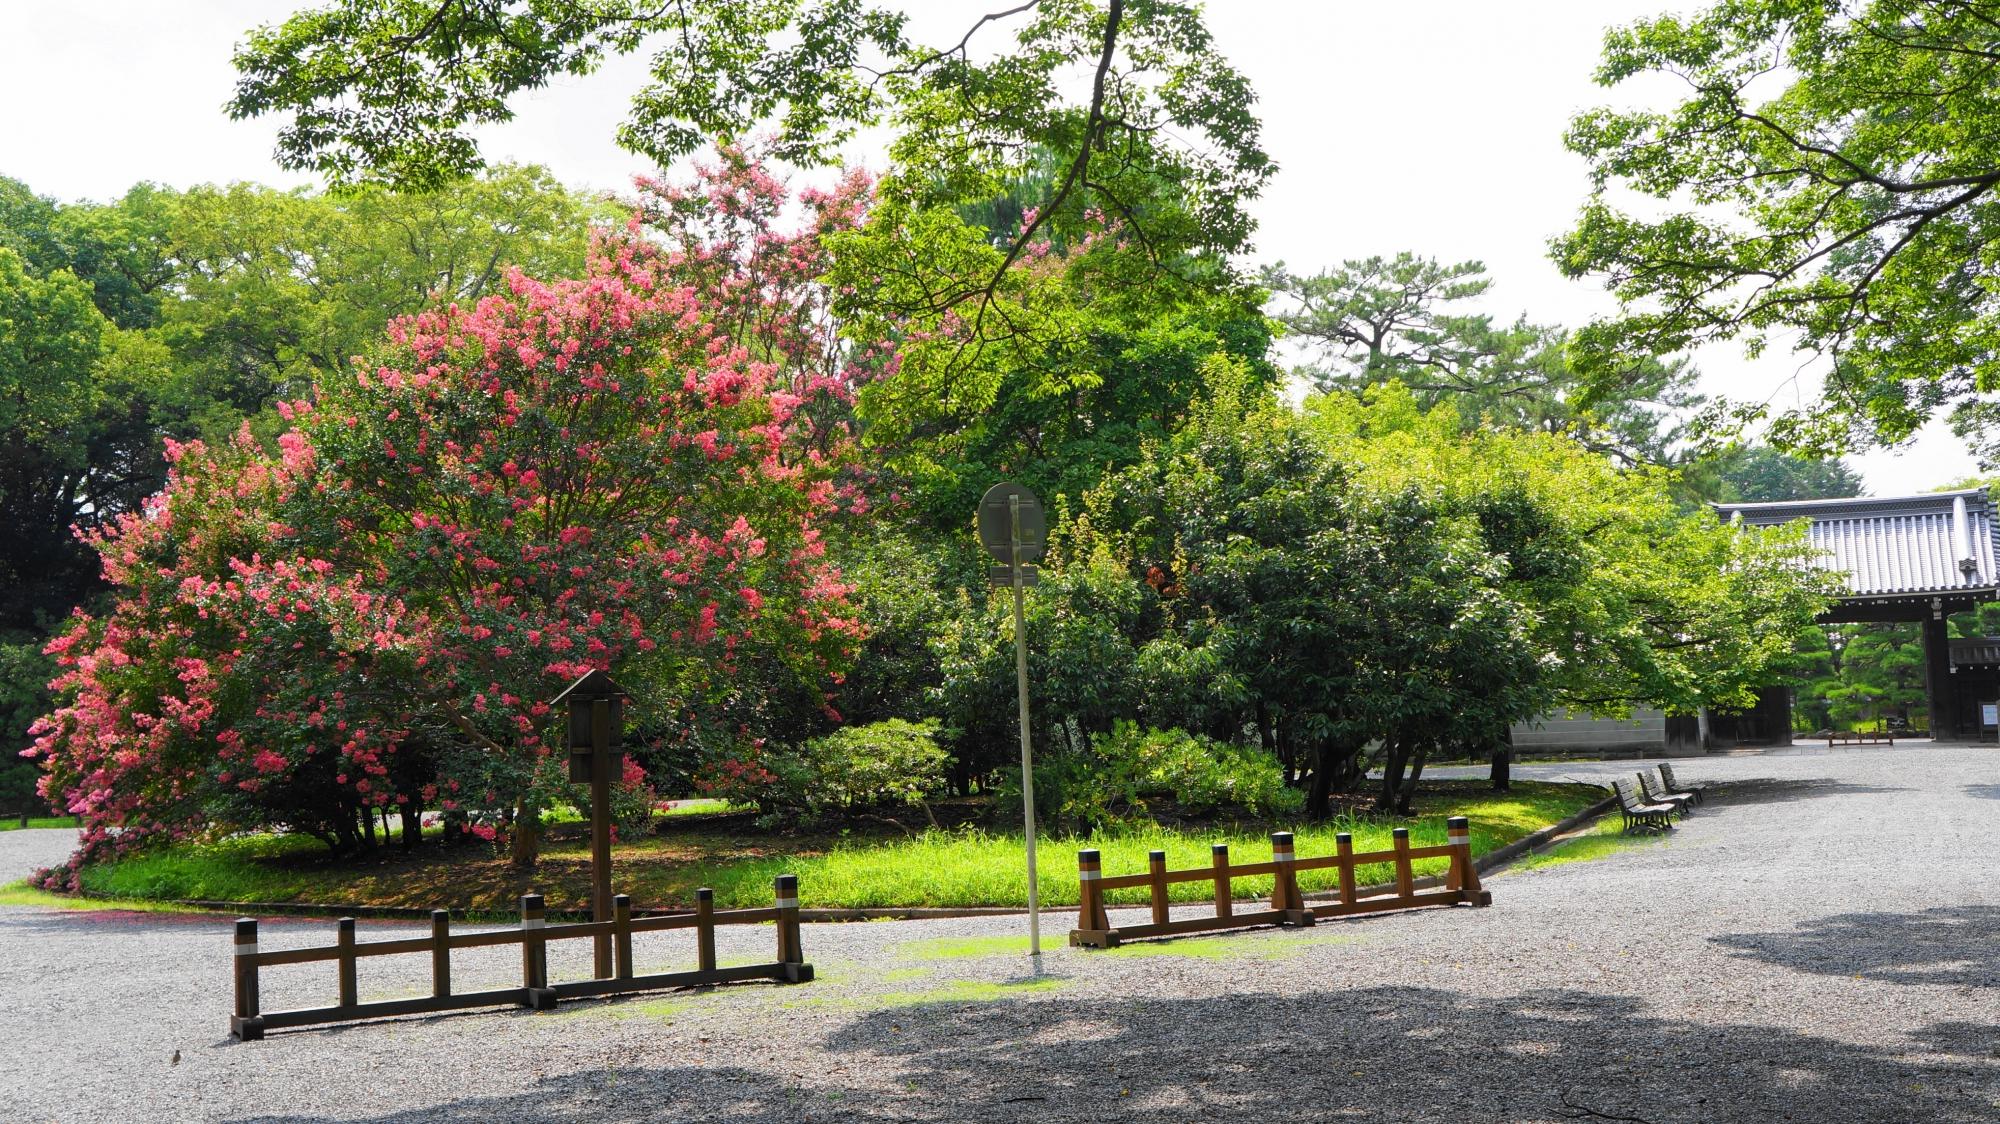 眩い緑とピンクにつつまれる夏の京都御苑と右奥に見える閑院宮邸跡